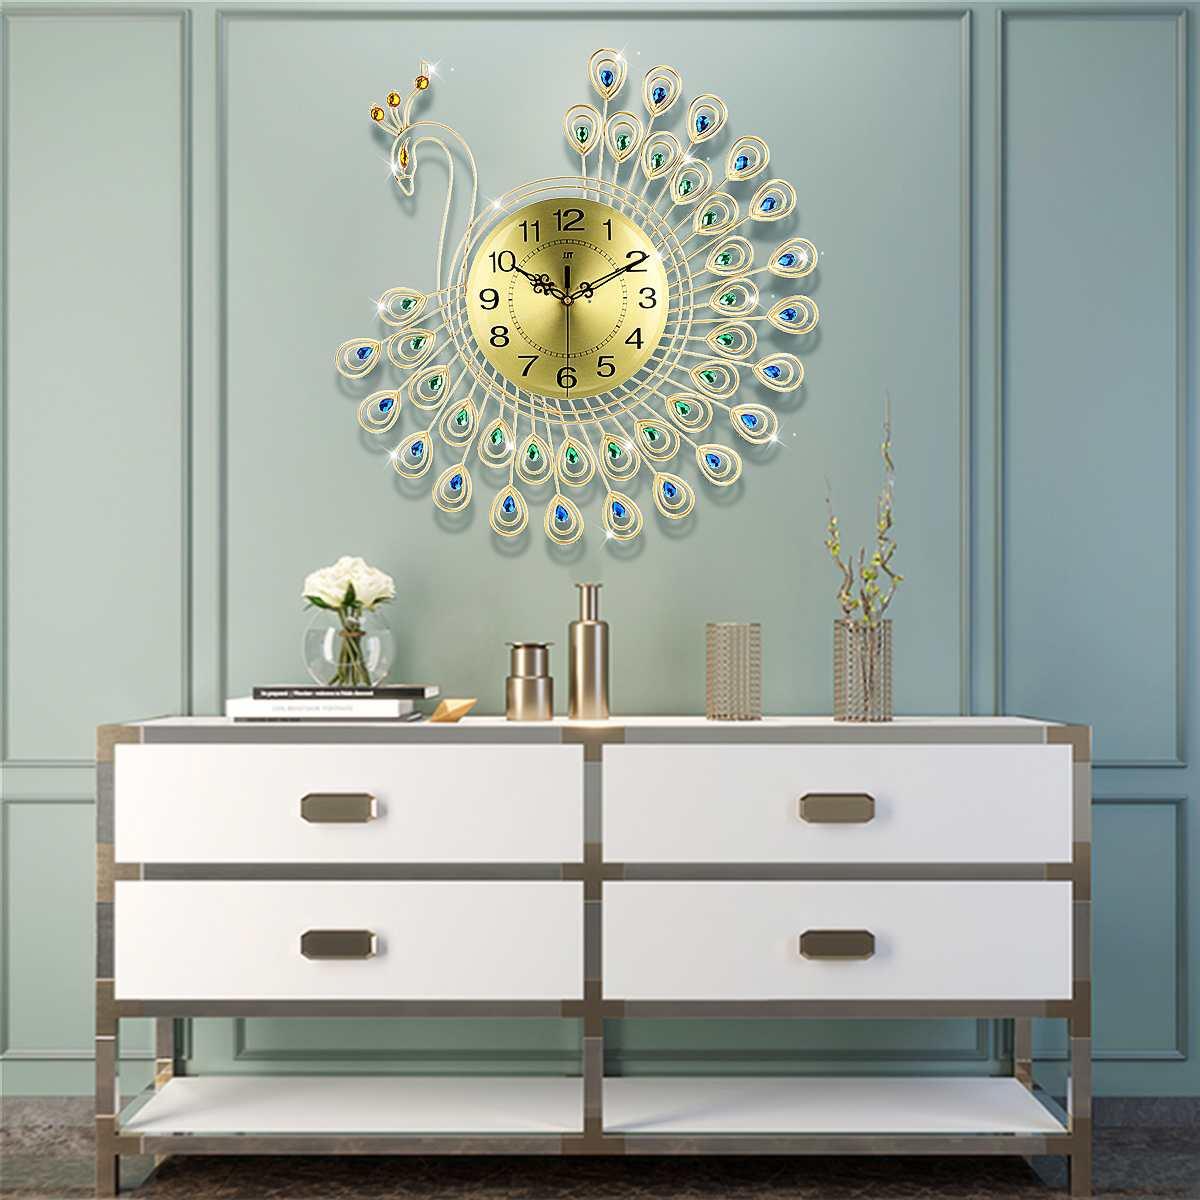 53 cm Grande 3D Ouro Diamante Pavão Design Moderno Relógio de Parede Silencioso Clocks Home Decor Estilo Europeu Pendurado Relógio de Parede relógios